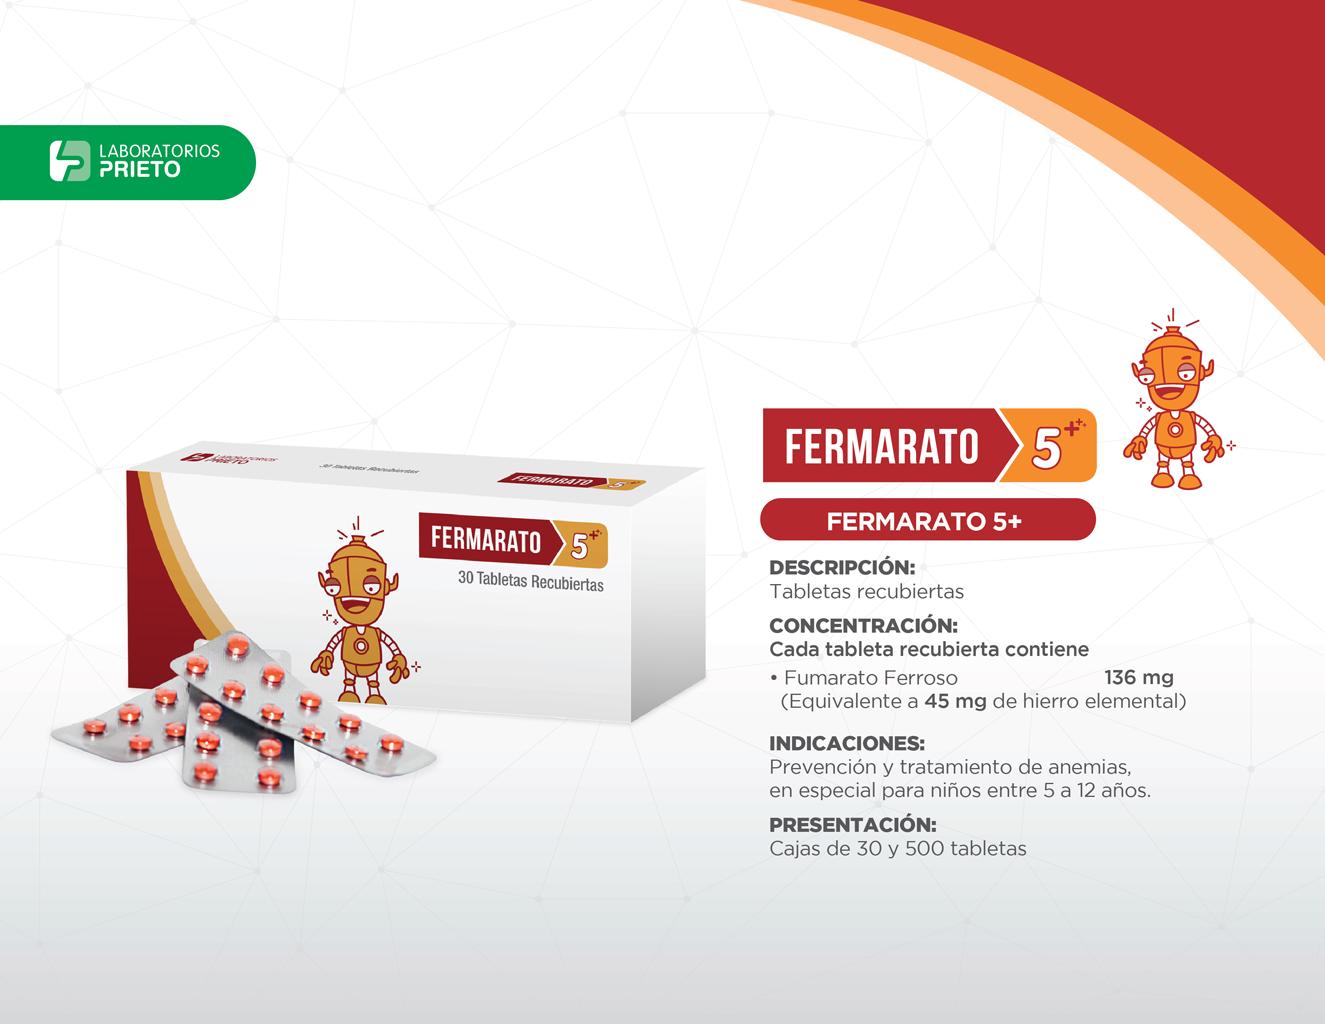 Vademecum-de-productos-Laboratorios-Prieto_Page_27